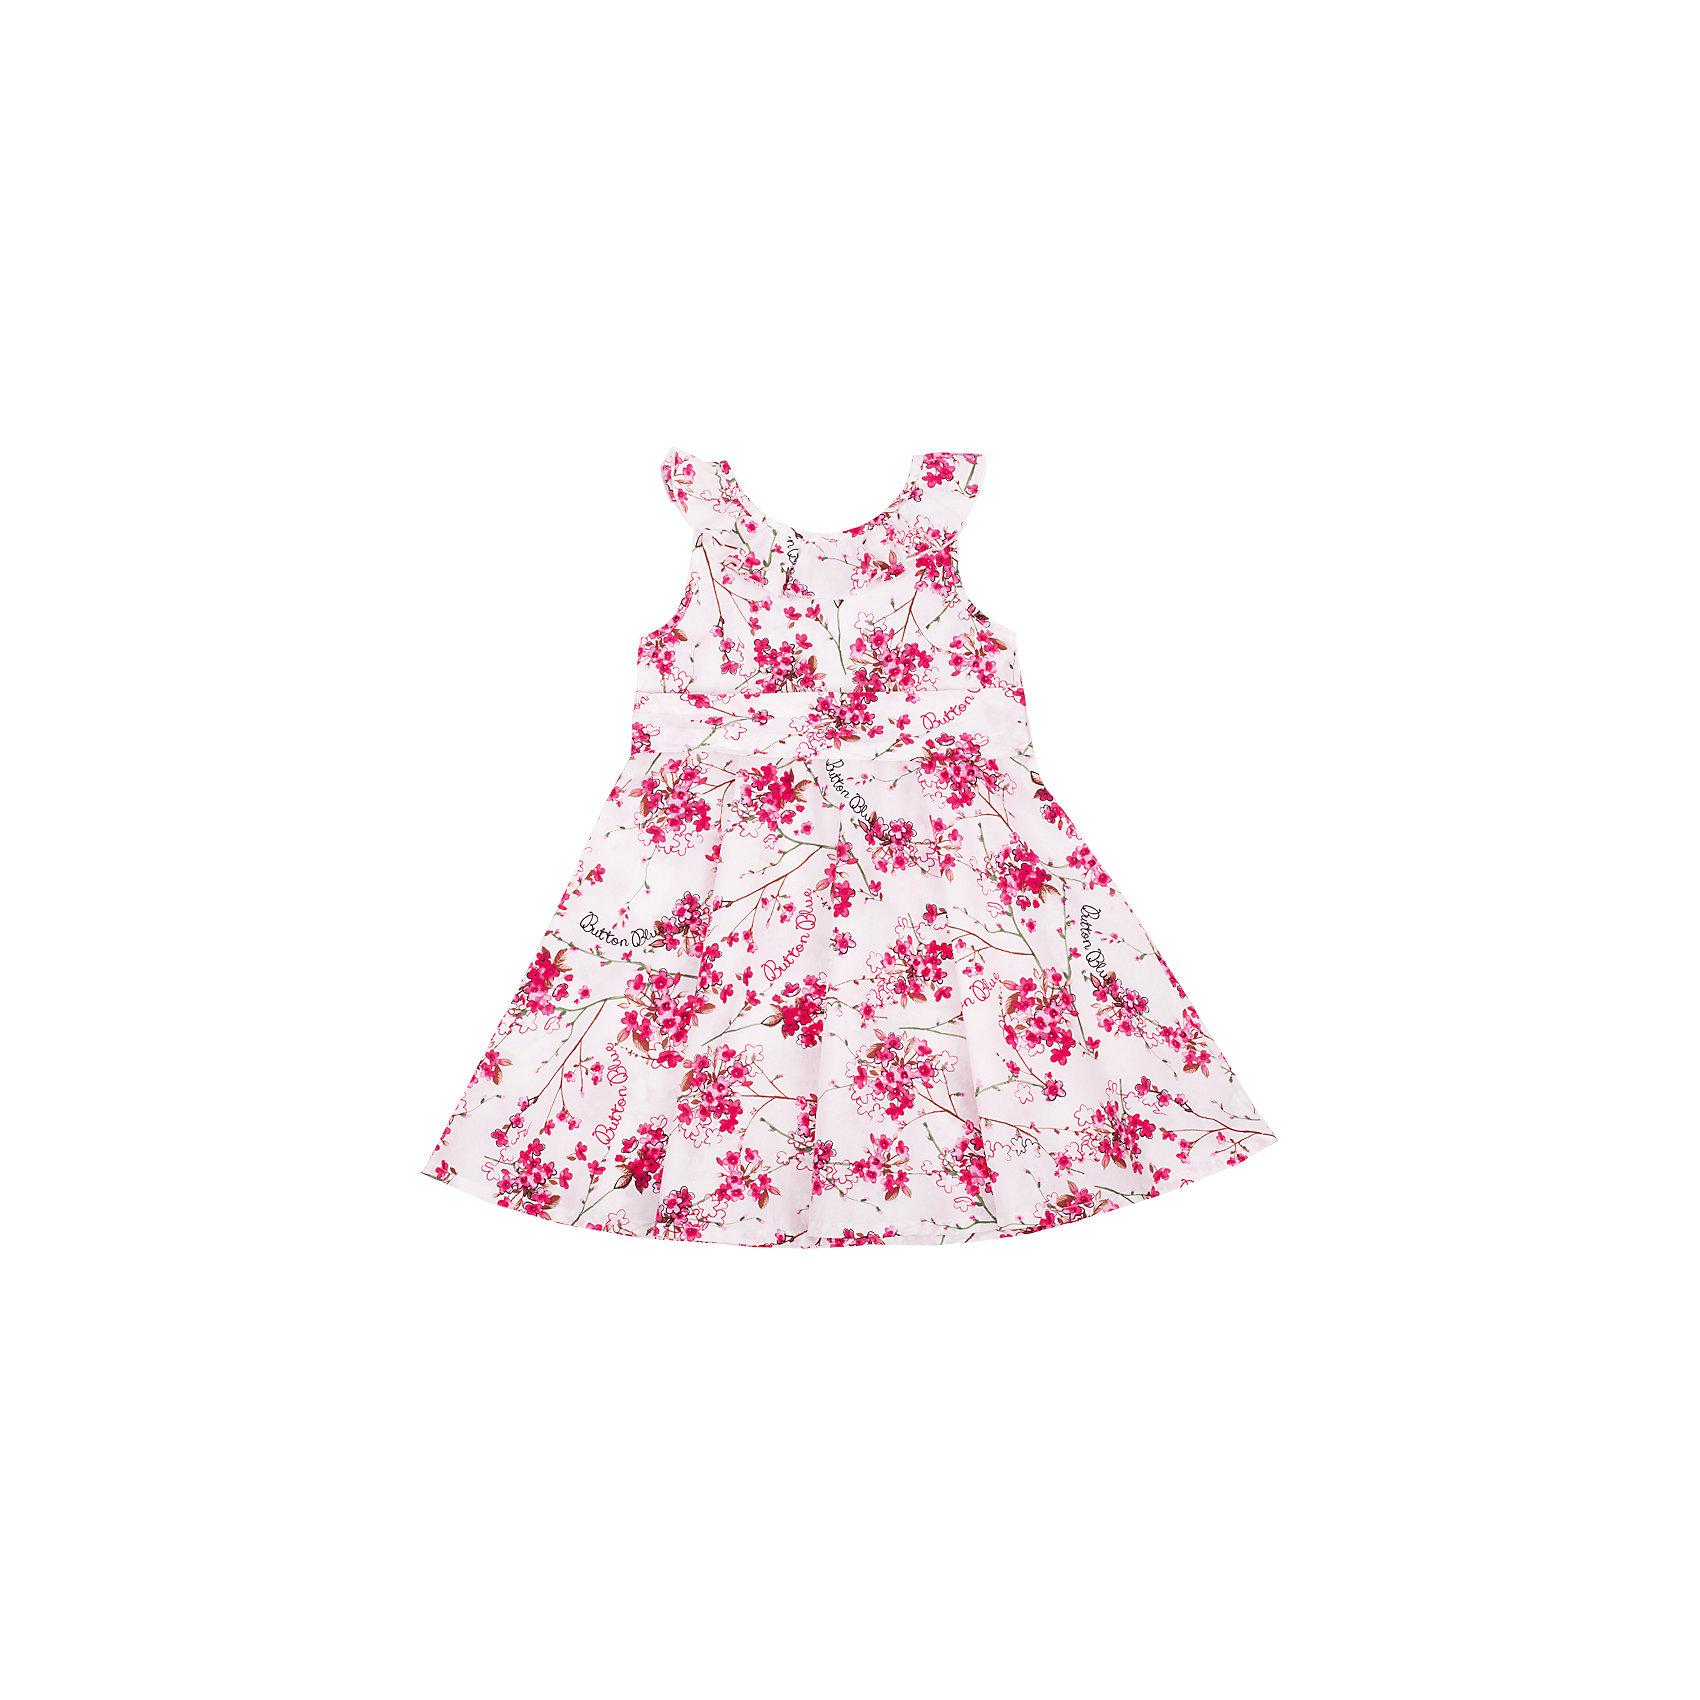 Платье для девочки Button BlueОдежда<br>Классный сарафан с цветочным рисунком - отличный вариант и на каждый день, и на выход. Он выглядит ярко, сделан из 100% хлопка, прекрасно сидит и смотрится на фигуре. Отличное качество и доступная цена прилагаются. Если Вы хотите купить красивый сарафан для девочки недорого и быстро, сарафан Button Blue - то, что нужно!<br>Состав:<br>100% хлопок<br><br>Ширина мм: 236<br>Глубина мм: 16<br>Высота мм: 184<br>Вес г: 177<br>Цвет: разноцветный<br>Возраст от месяцев: 24<br>Возраст до месяцев: 36<br>Пол: Женский<br>Возраст: Детский<br>Размер: 98,110,122,116,104<br>SKU: 4510810